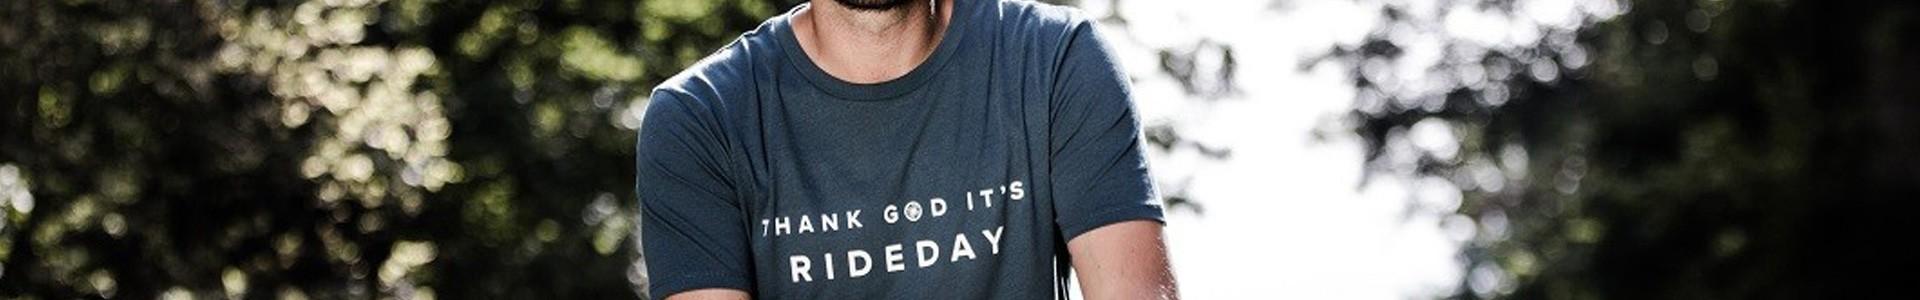 Fahrrad T-Shirts & Pullover | Top Qualität | Fahrradmotive